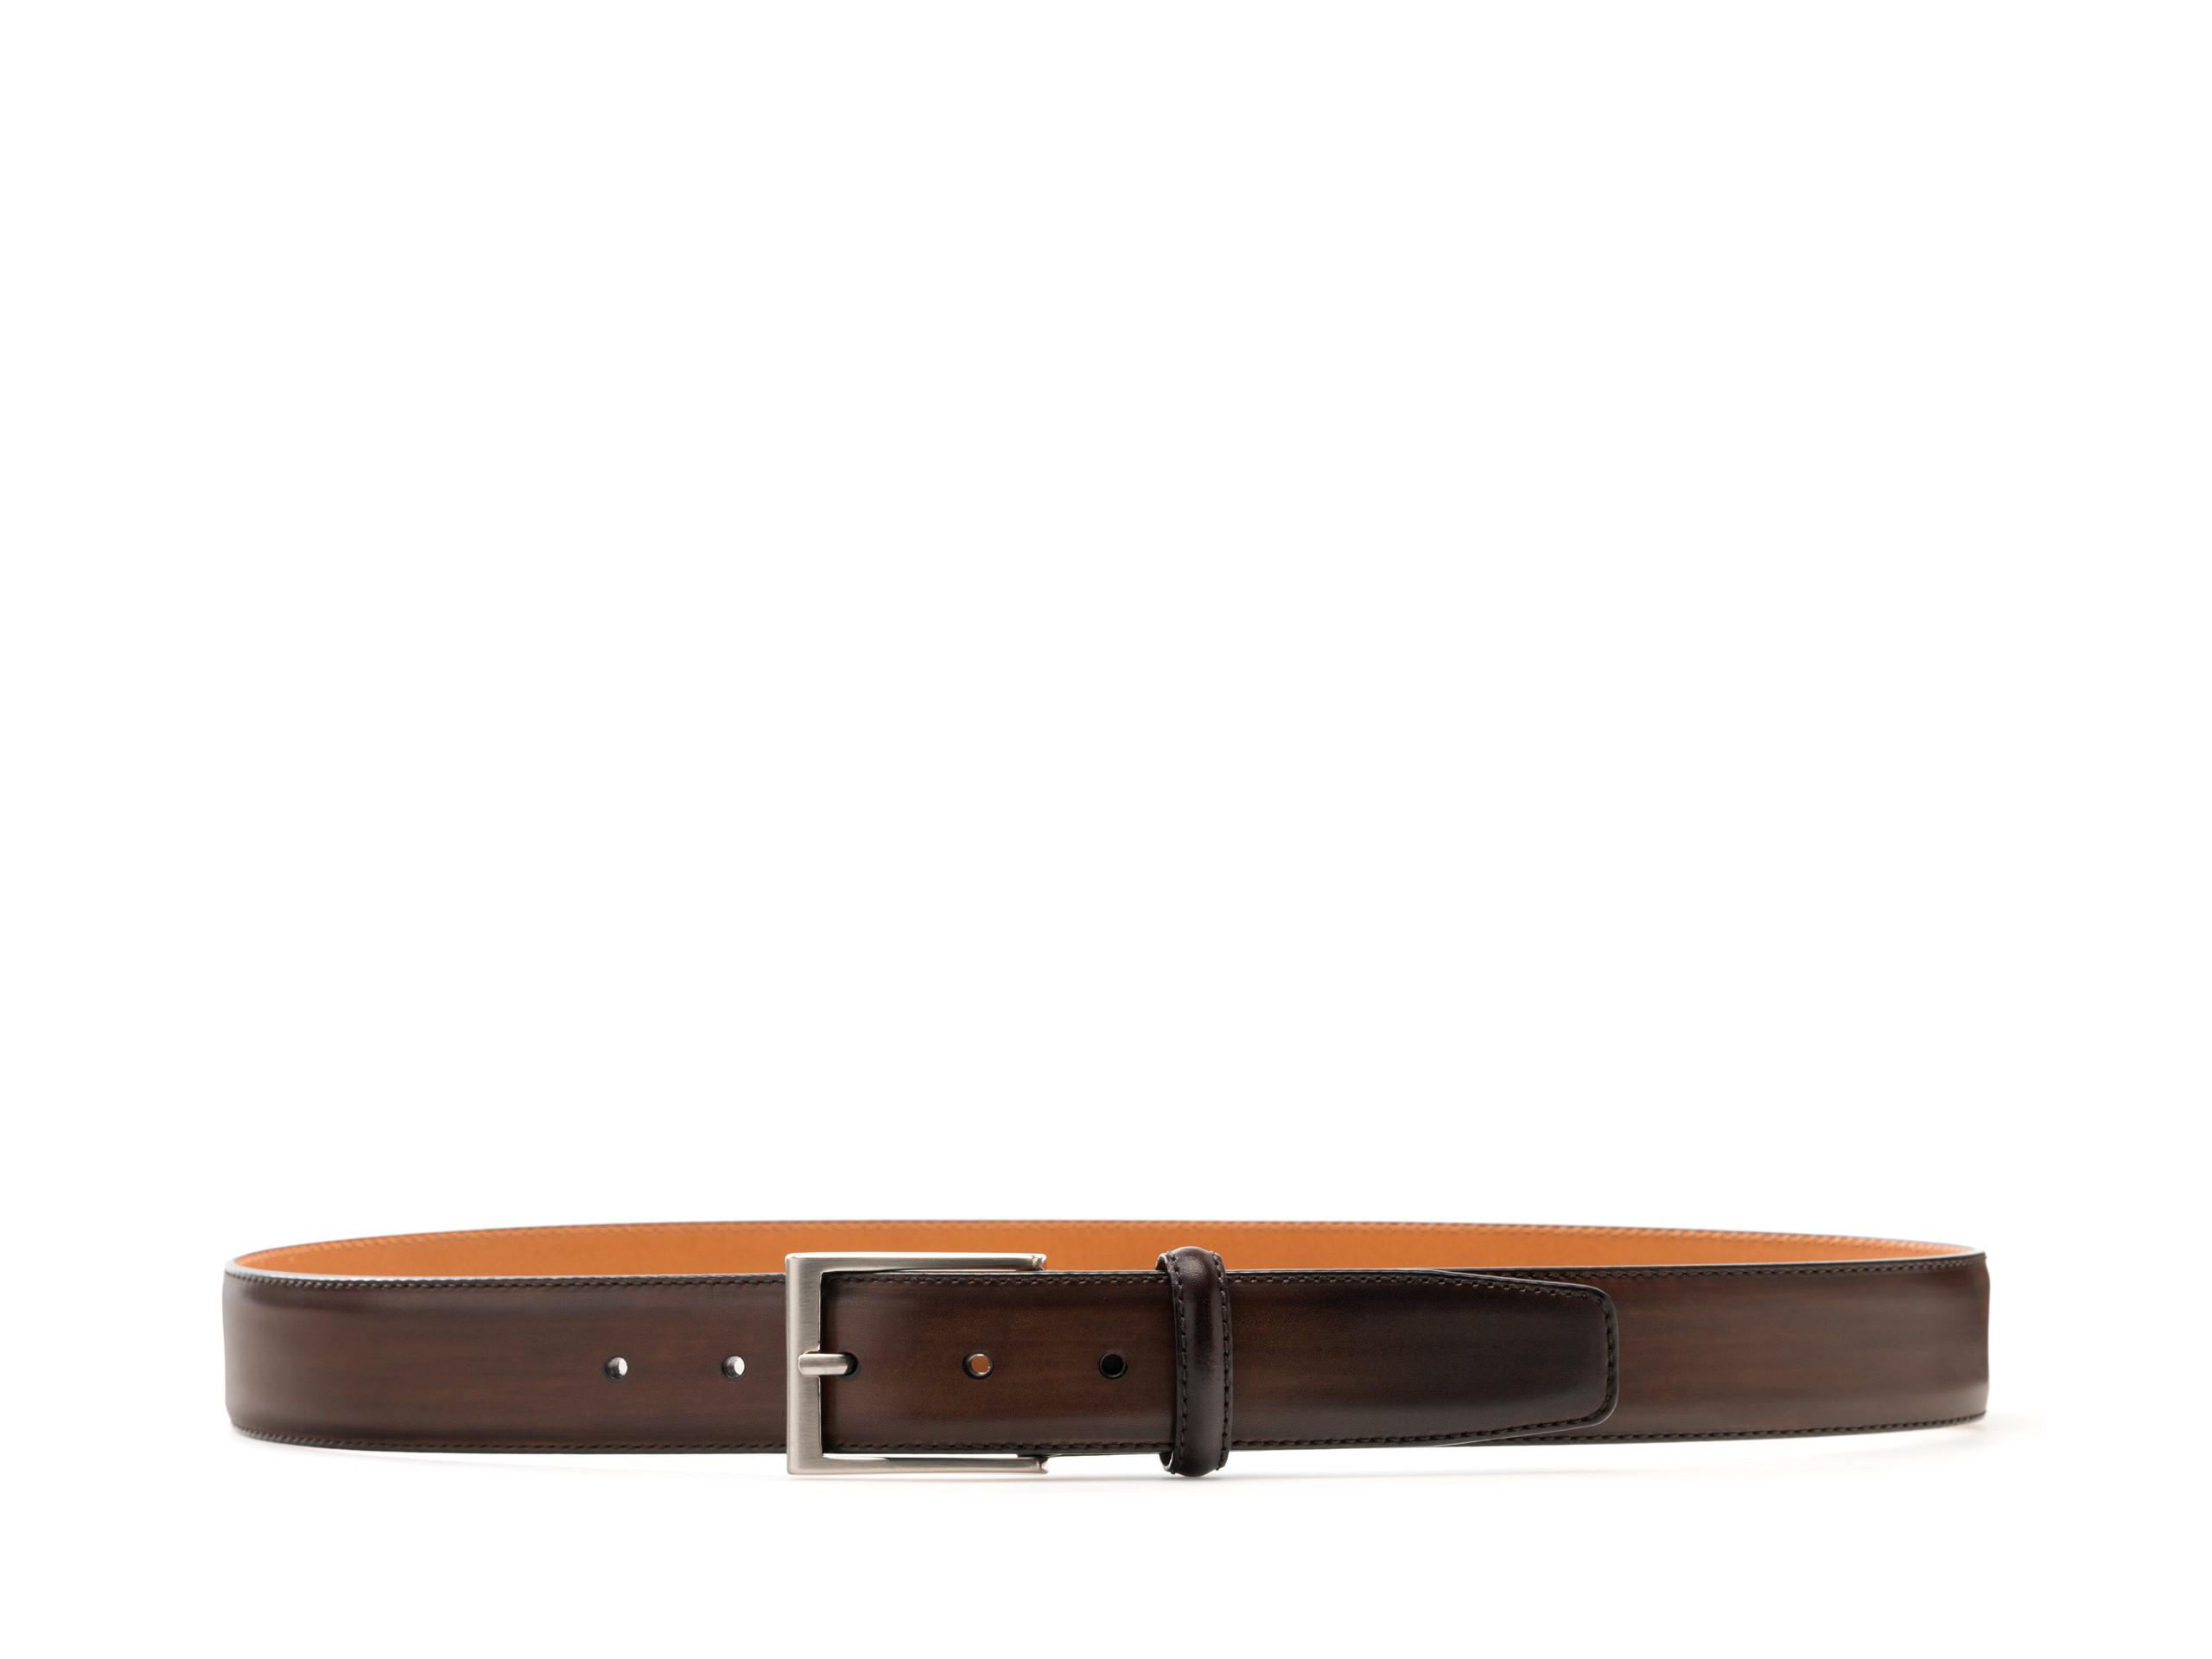 Product Shot of Arcade Tabaco Belt